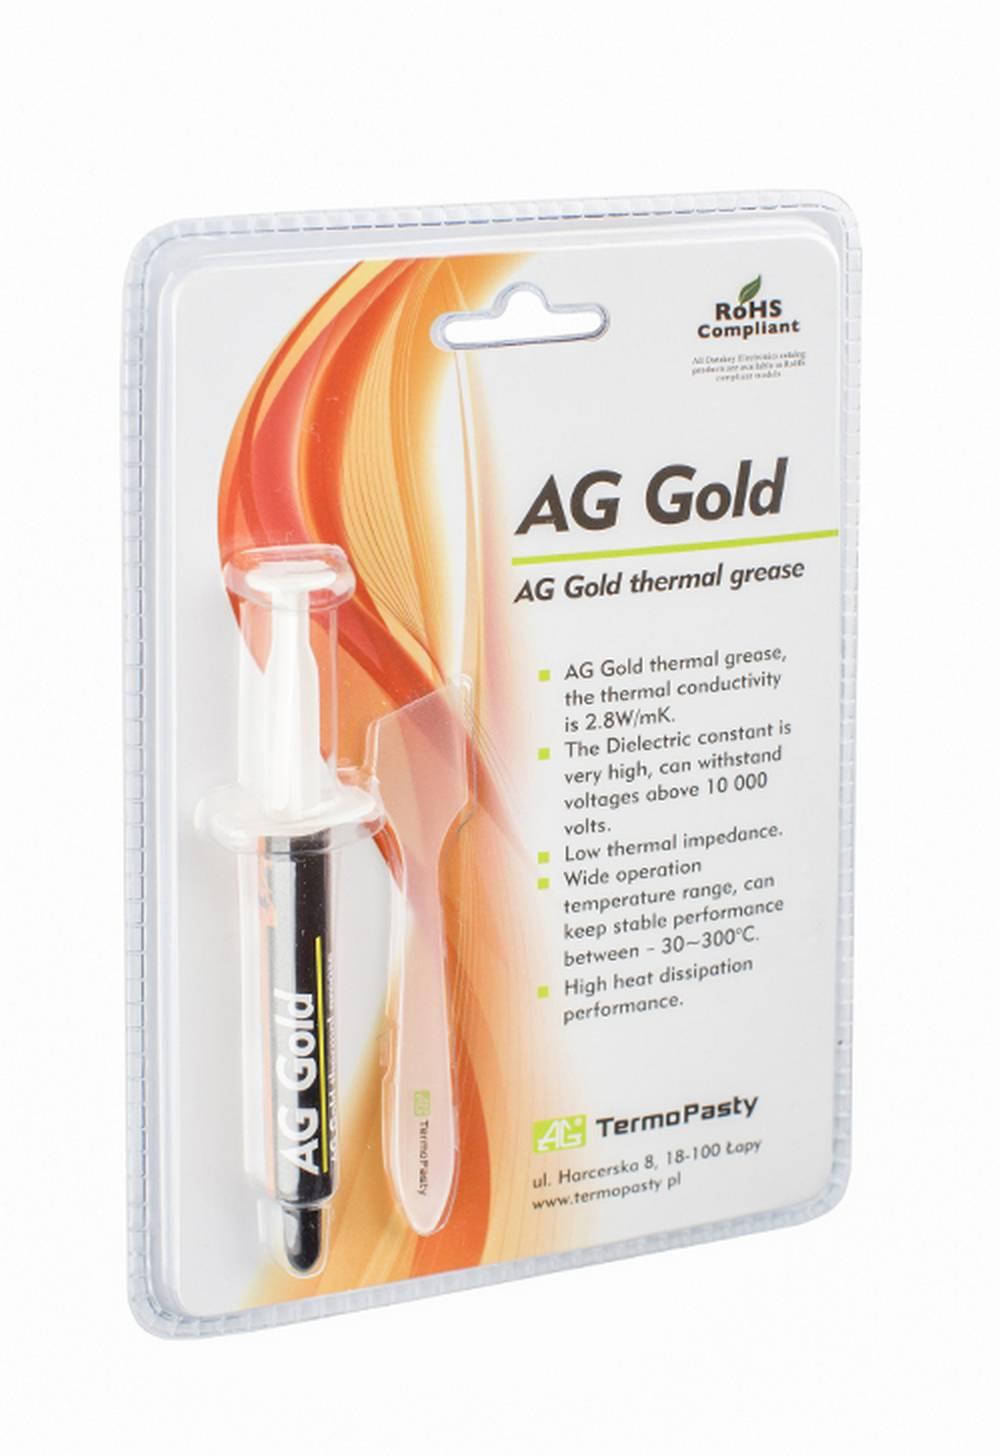 Θερμοαγώγιμη Πάστα TermoPasty AG Gold 3gr Υψηλής Αντοχής Κατάλληλο για Επεξεργαστές και Ολοκληρωμένα Κυκλώματα